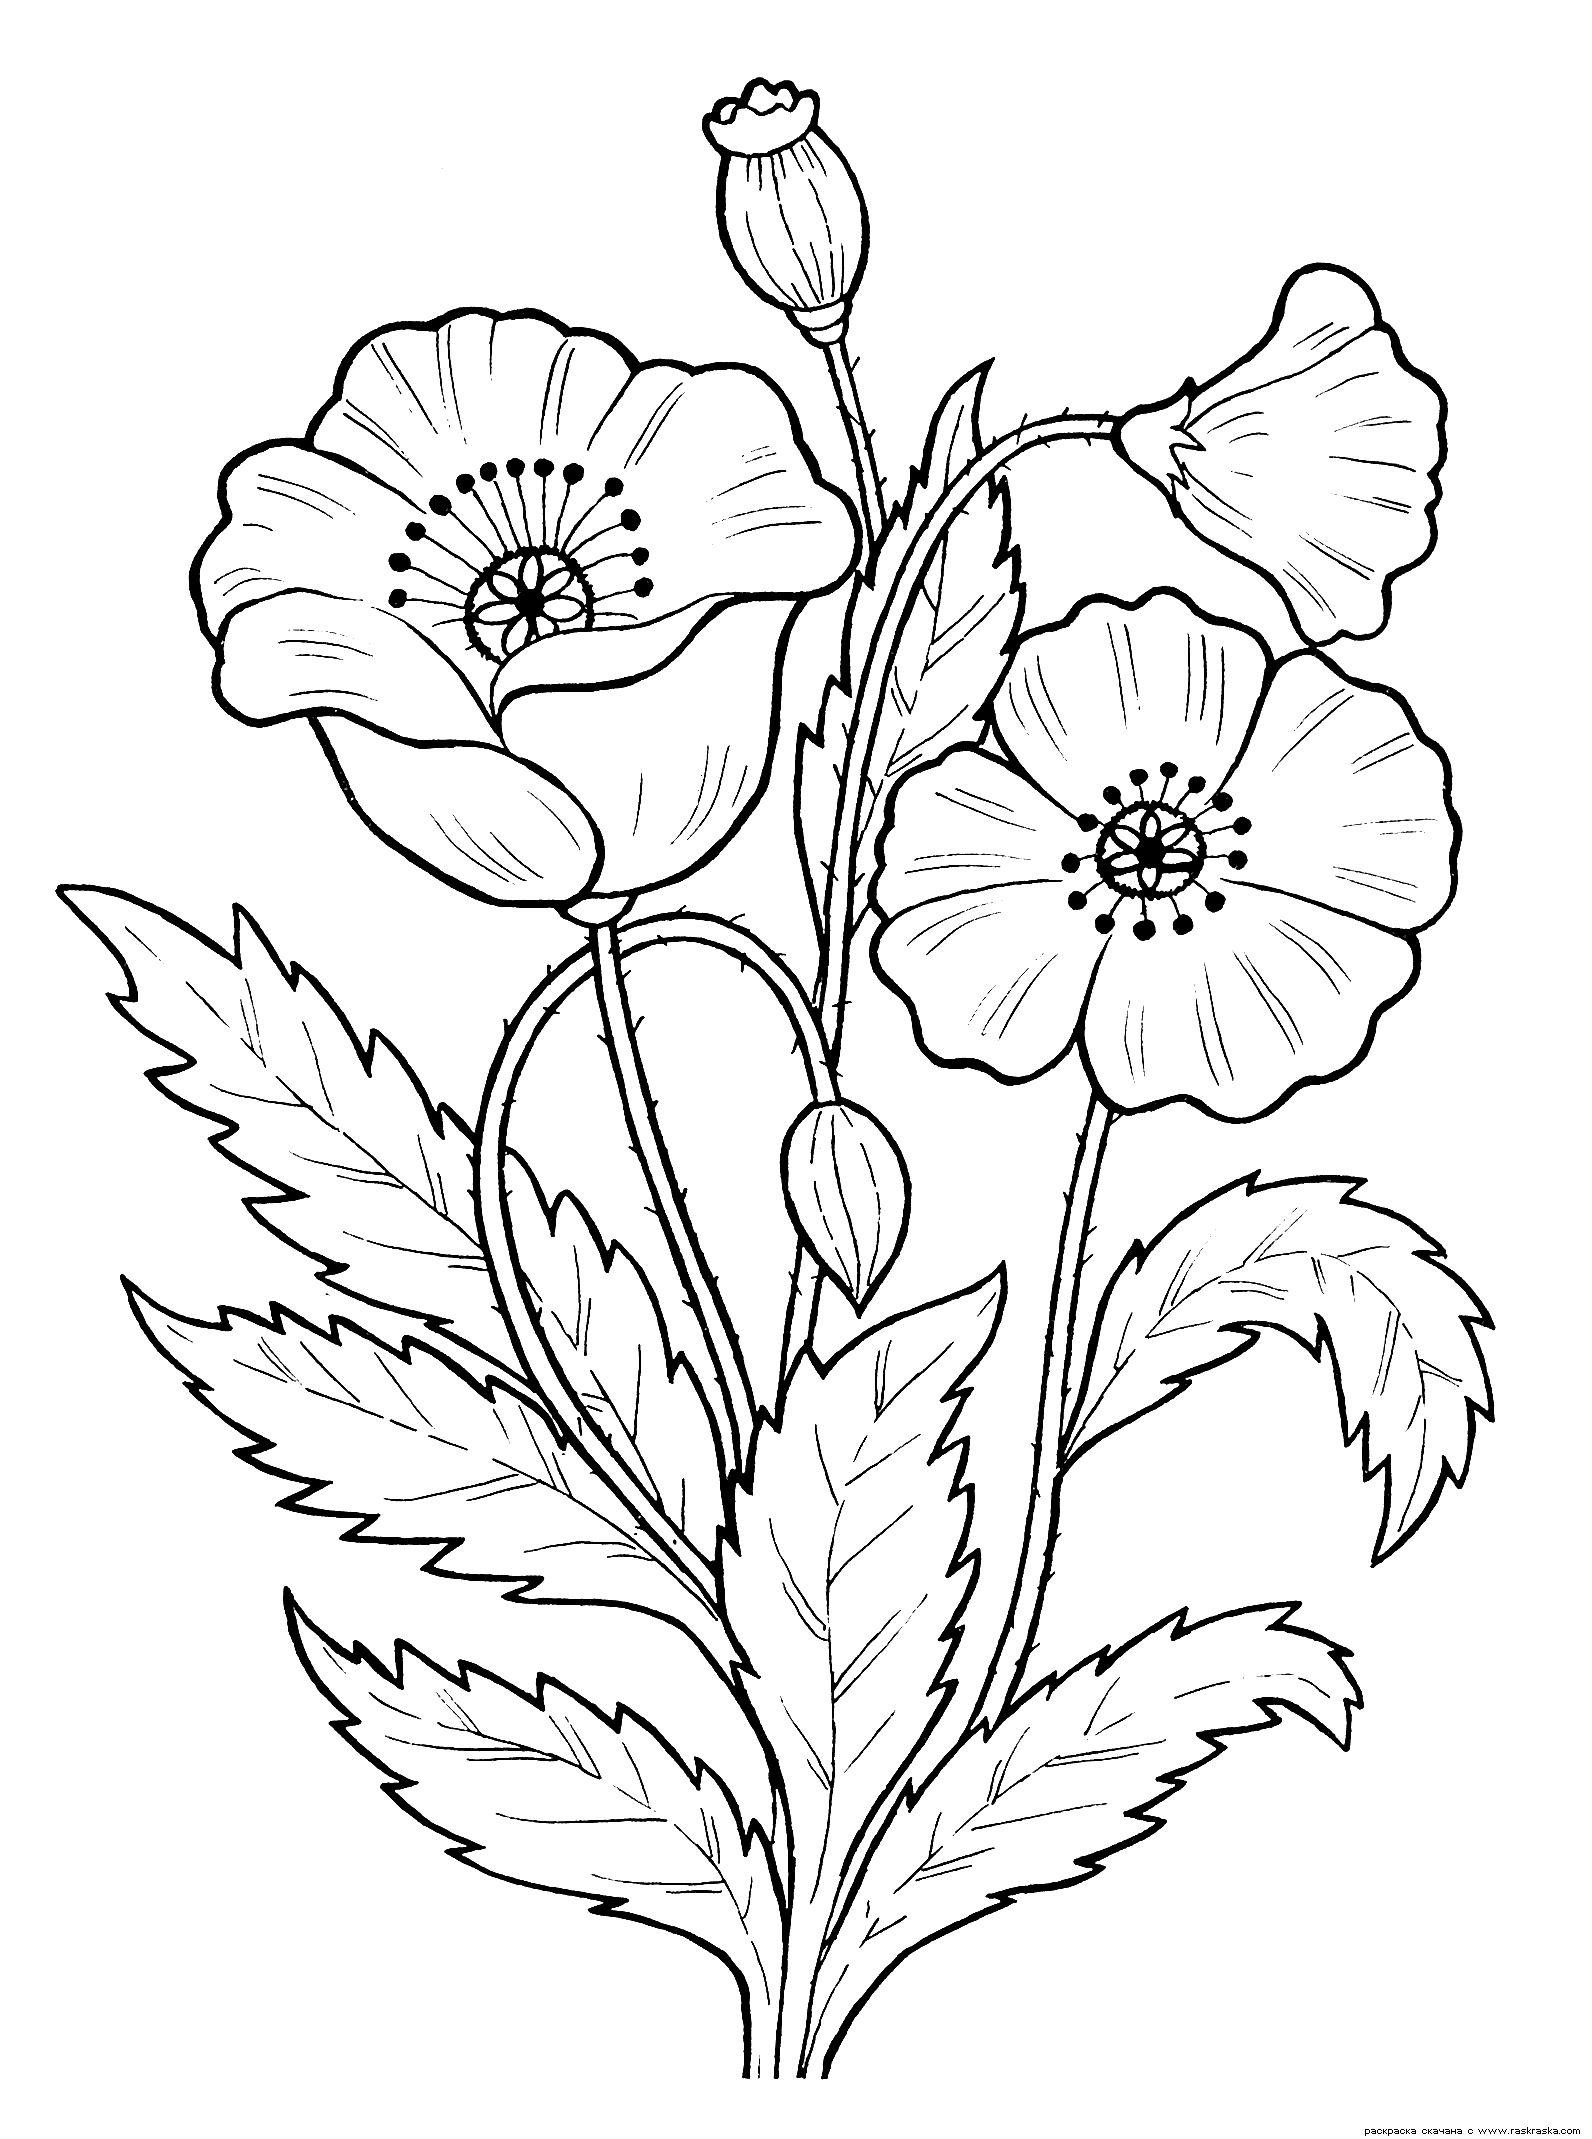 Картинка растений раскраска